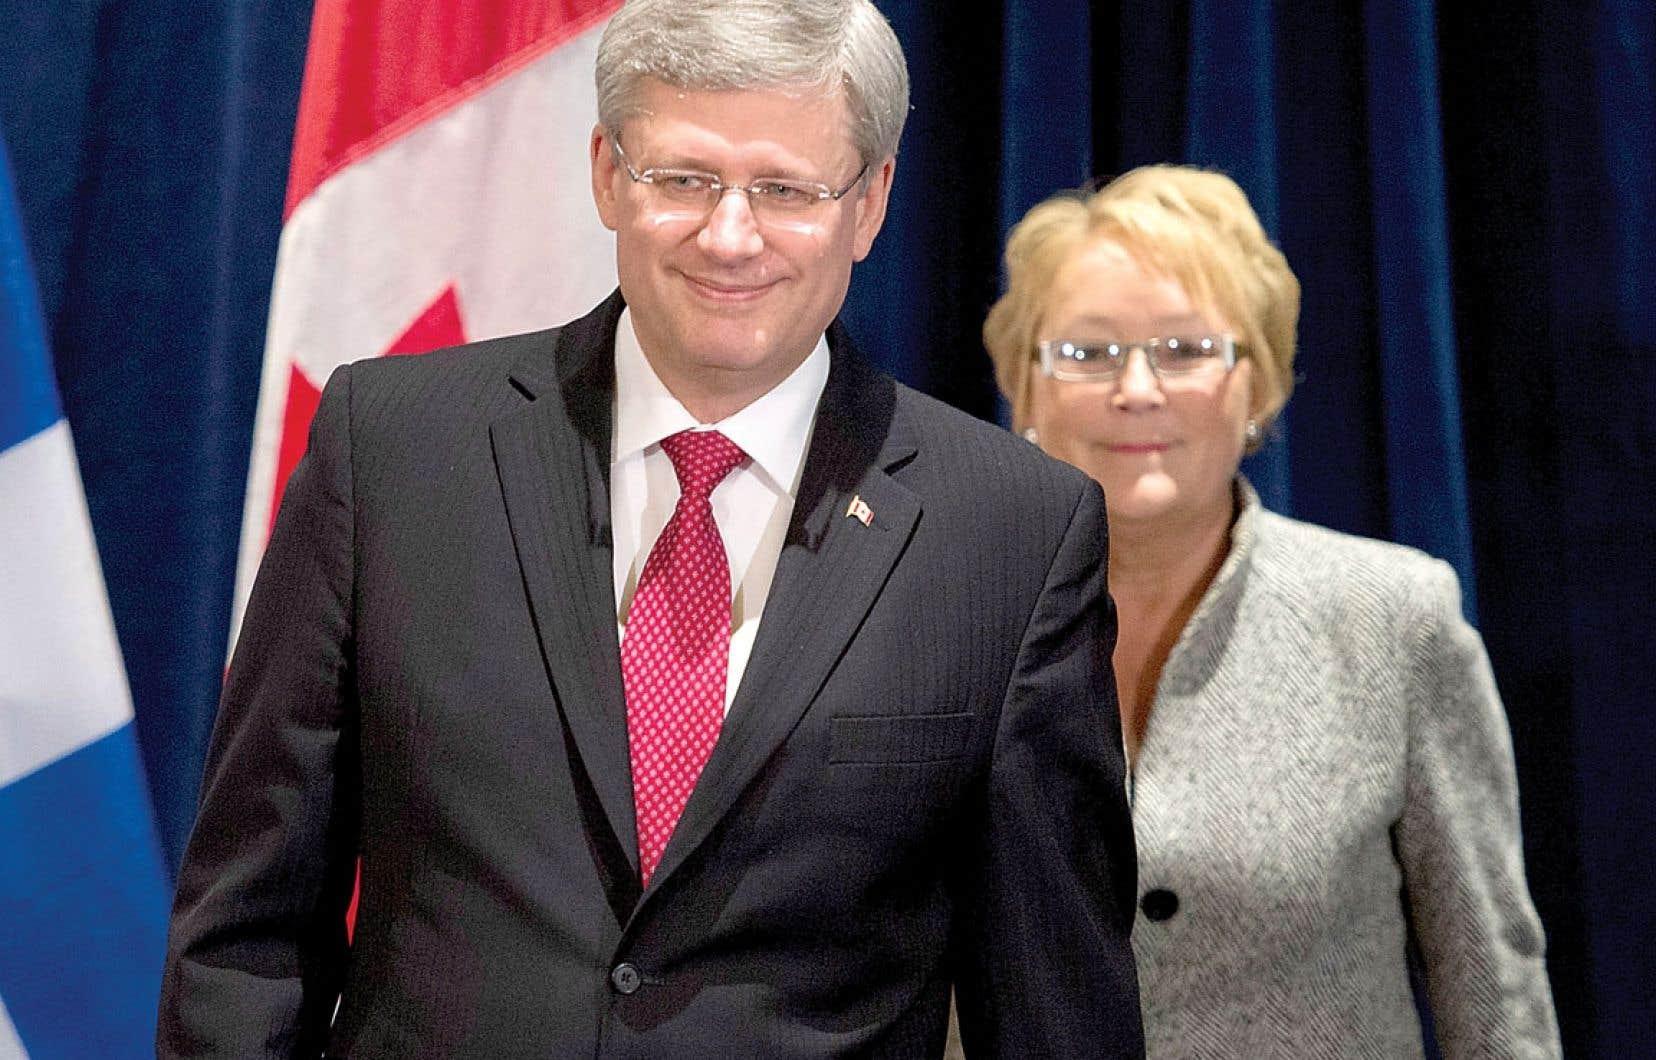 De passage à Lévis vendredi, où il a rencontré la première ministre Pauline Marois, M. Harper a rappelé que l'assurance-emploi «est une compétence clairement fédérale, selon la Constitution canadienne. Nous avons l'intention de respecter cette compétence.»